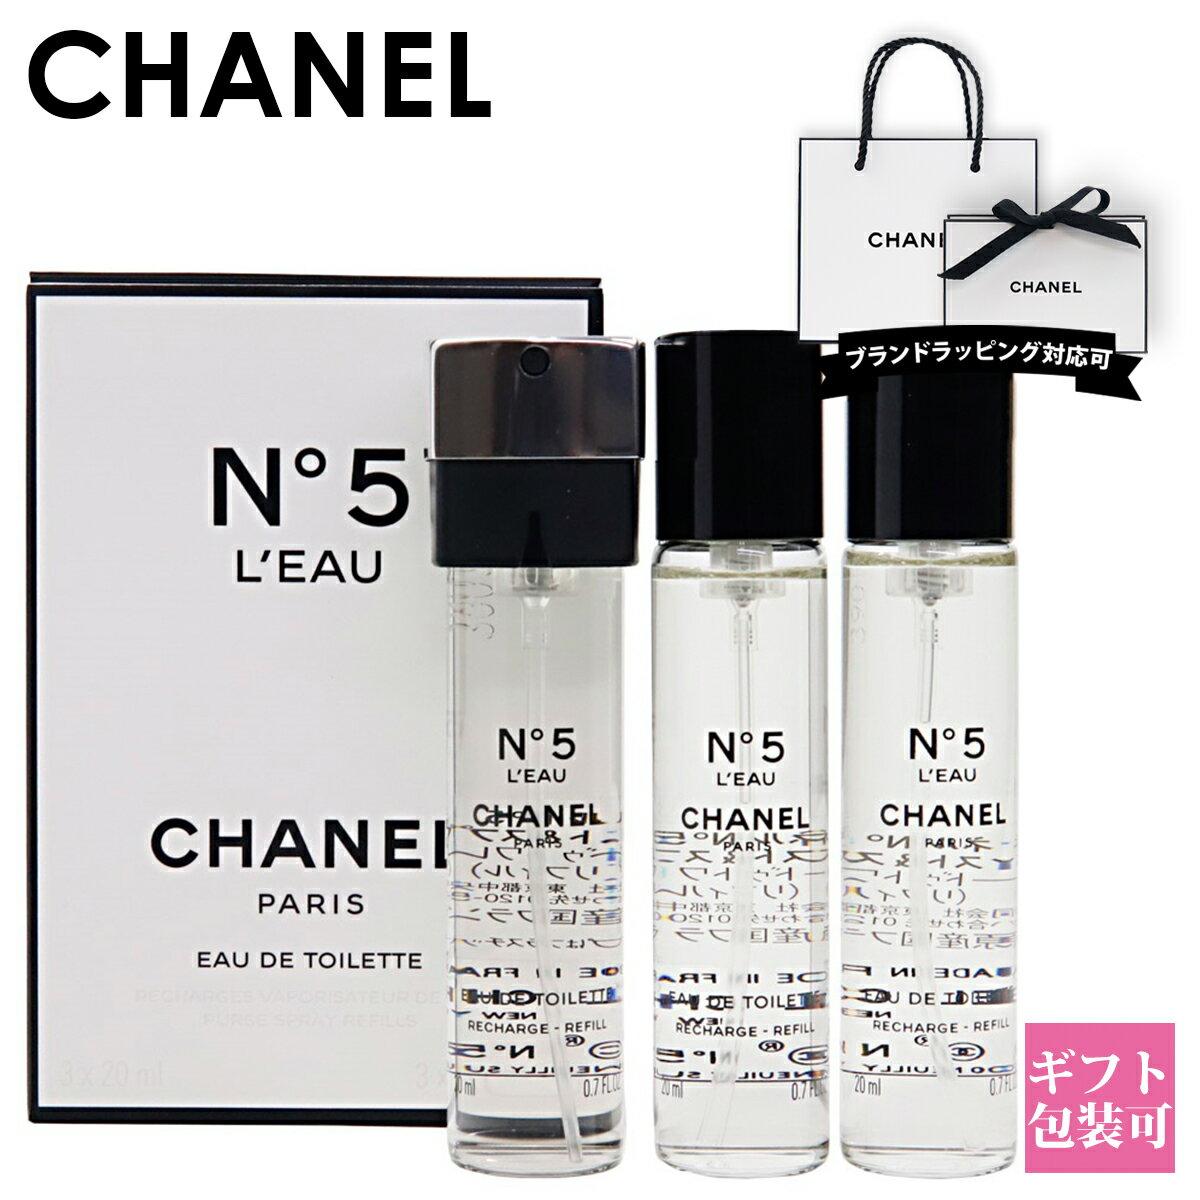 美容・コスメ・香水, 香水・フレグランス  No.5 EDT 20ml 3 CHANEL 2020